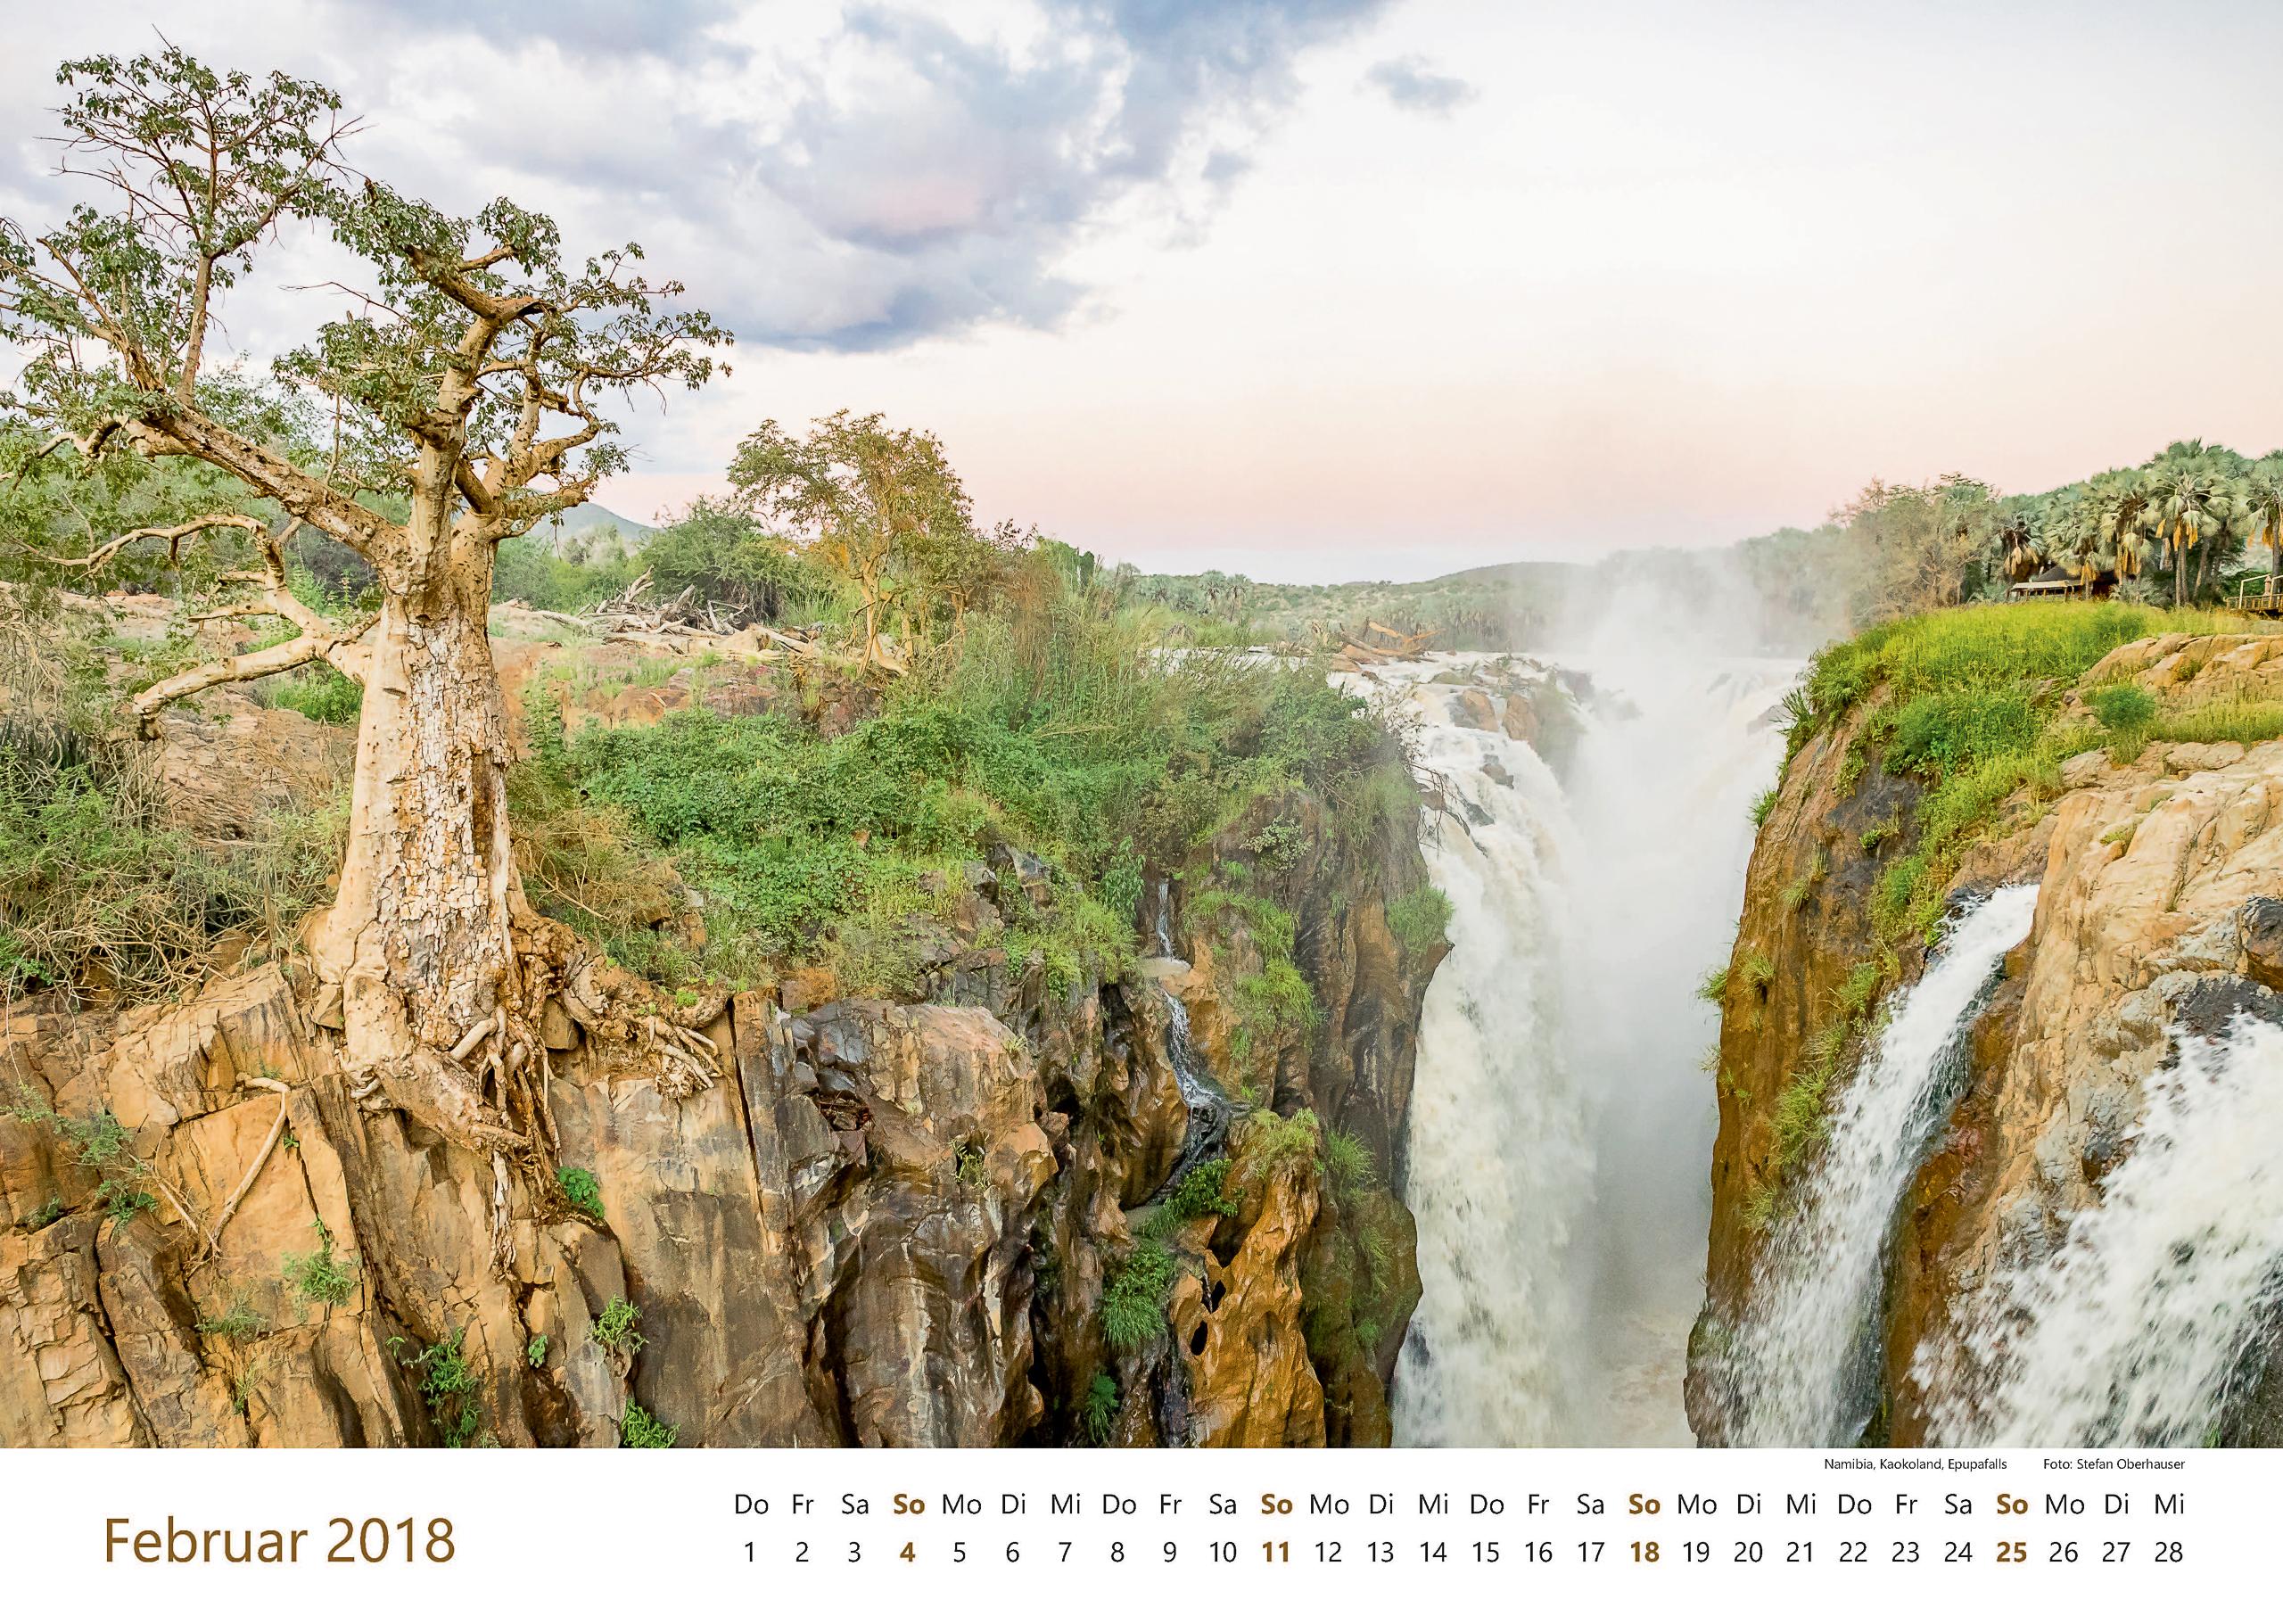 Namibia, Kaokoland, Epupafalls